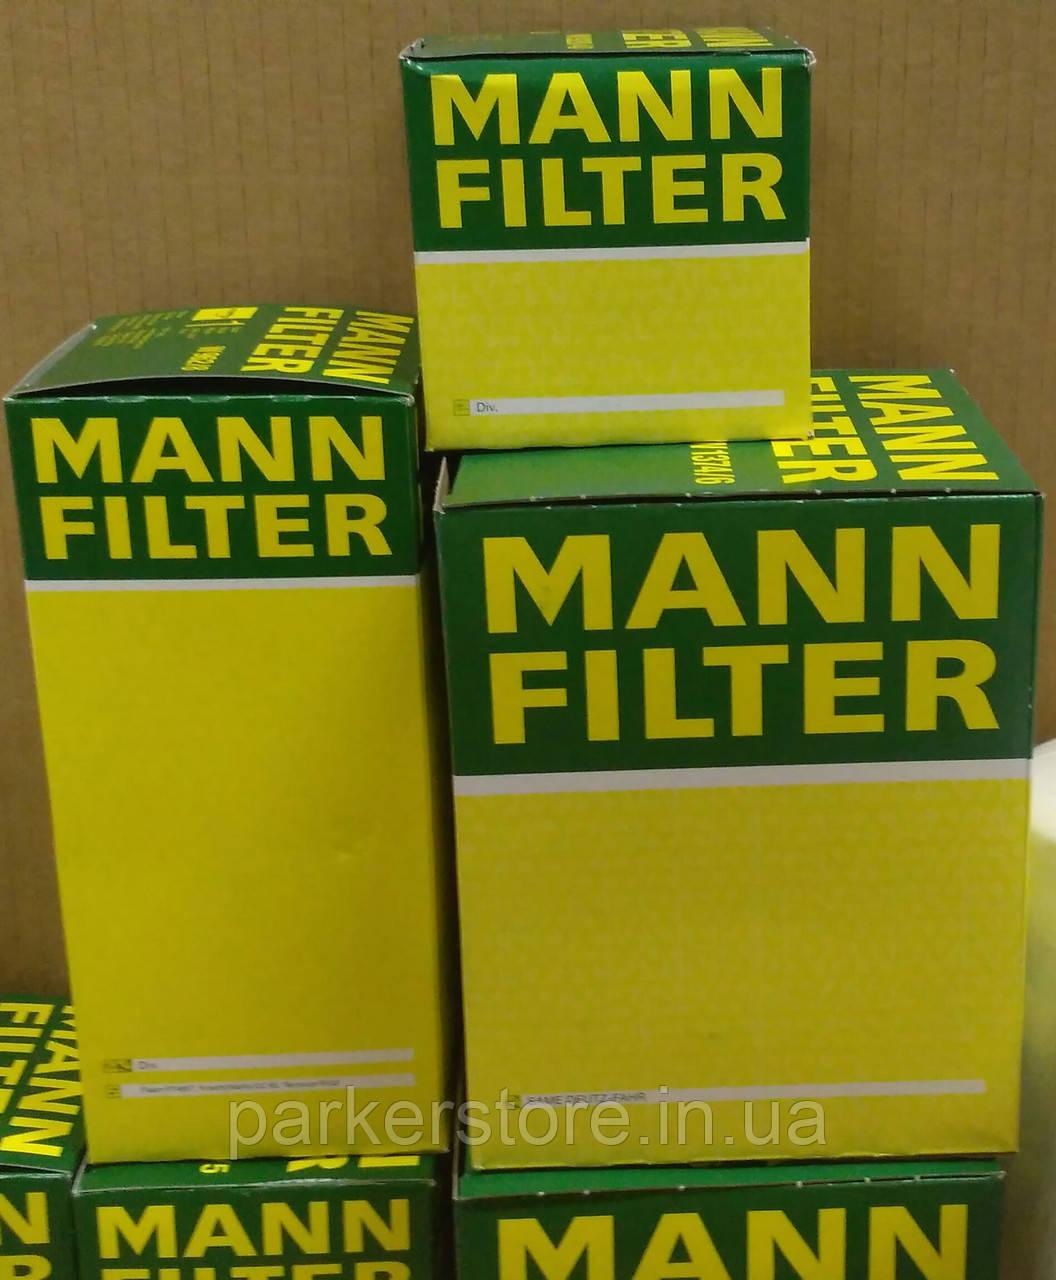 MANN FILTER / Воздушный фильтр / C 2513 / C2513